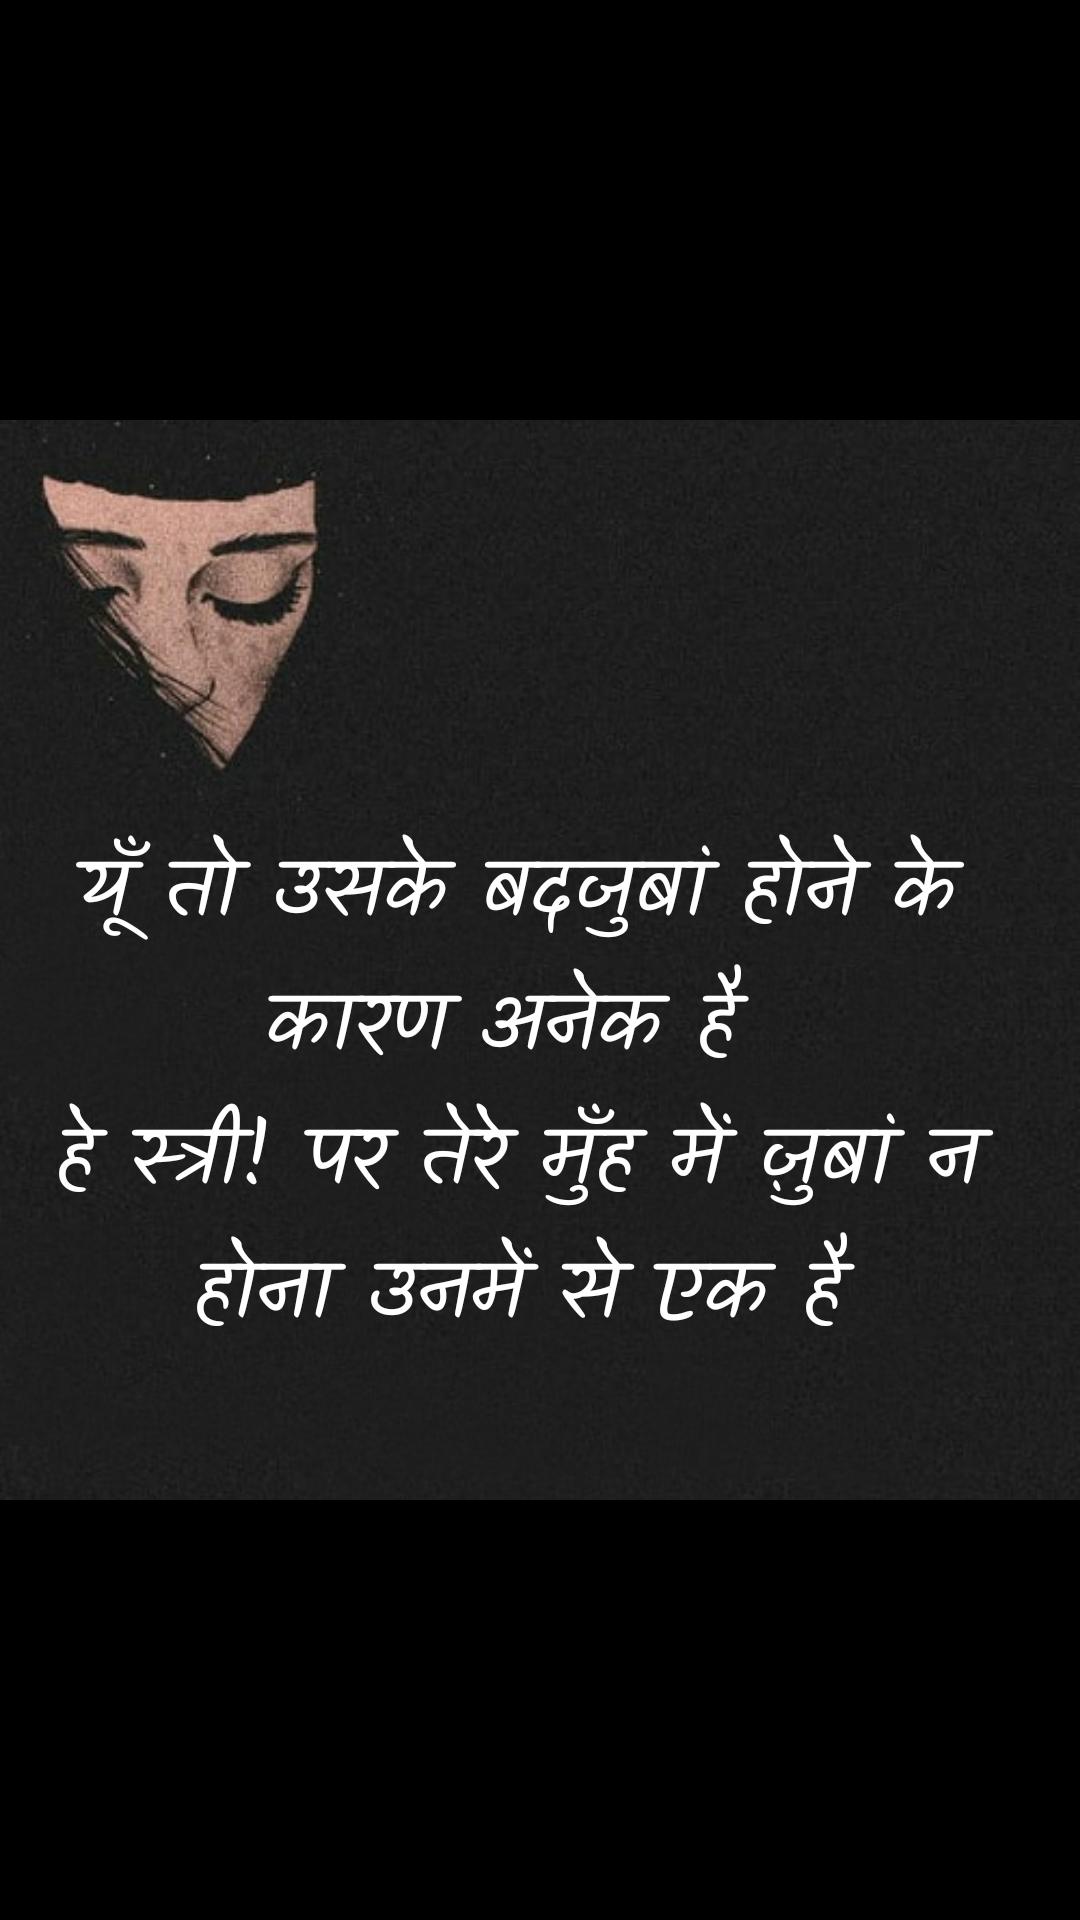 Girl quotes in Hindi यूँ तो उसके बदजुबां होने के कारण अनेक है  हे स्त्री! पर तेरे मुँह में ज़ुबां न होना उनमें से एक है